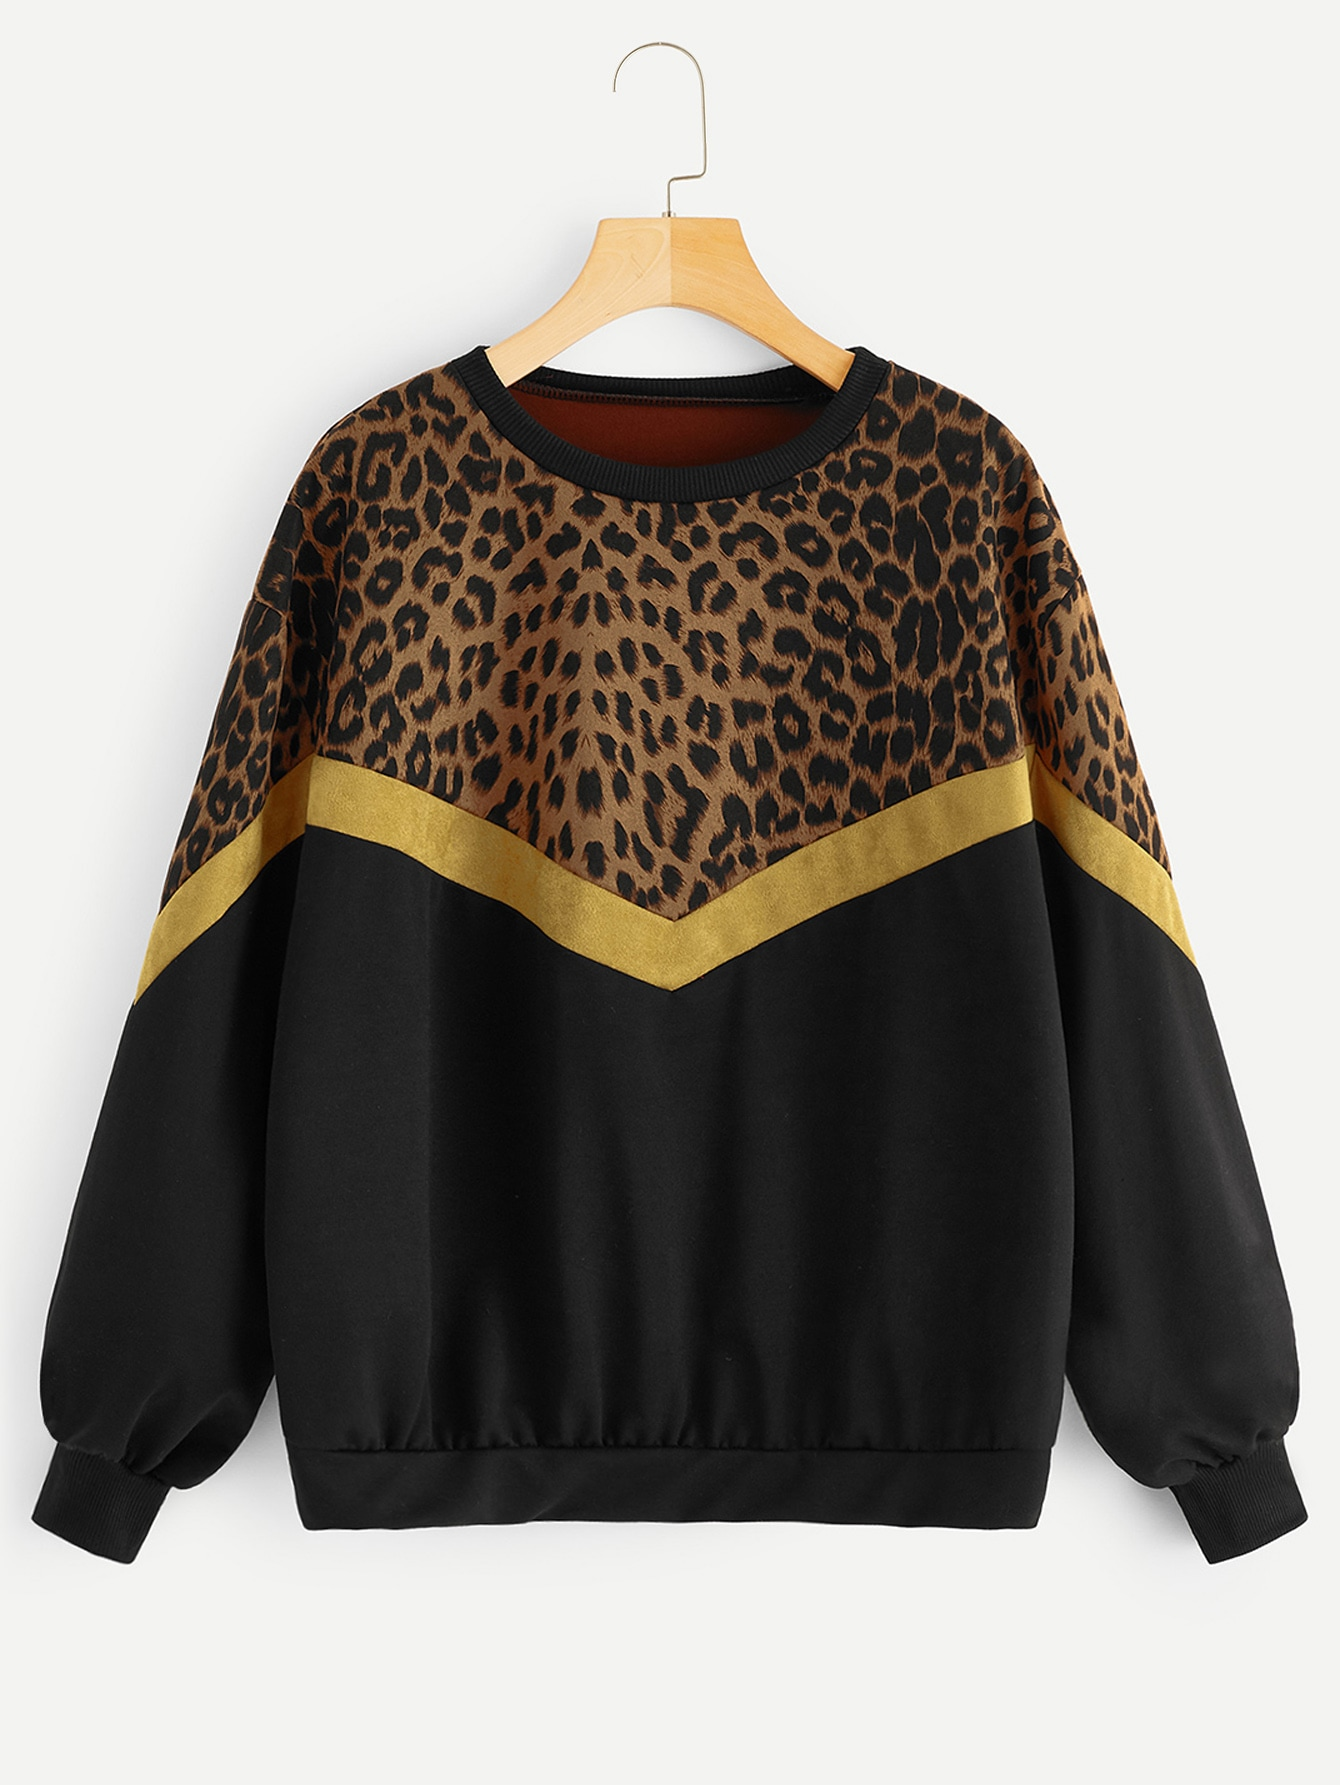 Купить Свитшот с заниженной линией плеч и контрастным леопардовым принтом, null, SheIn